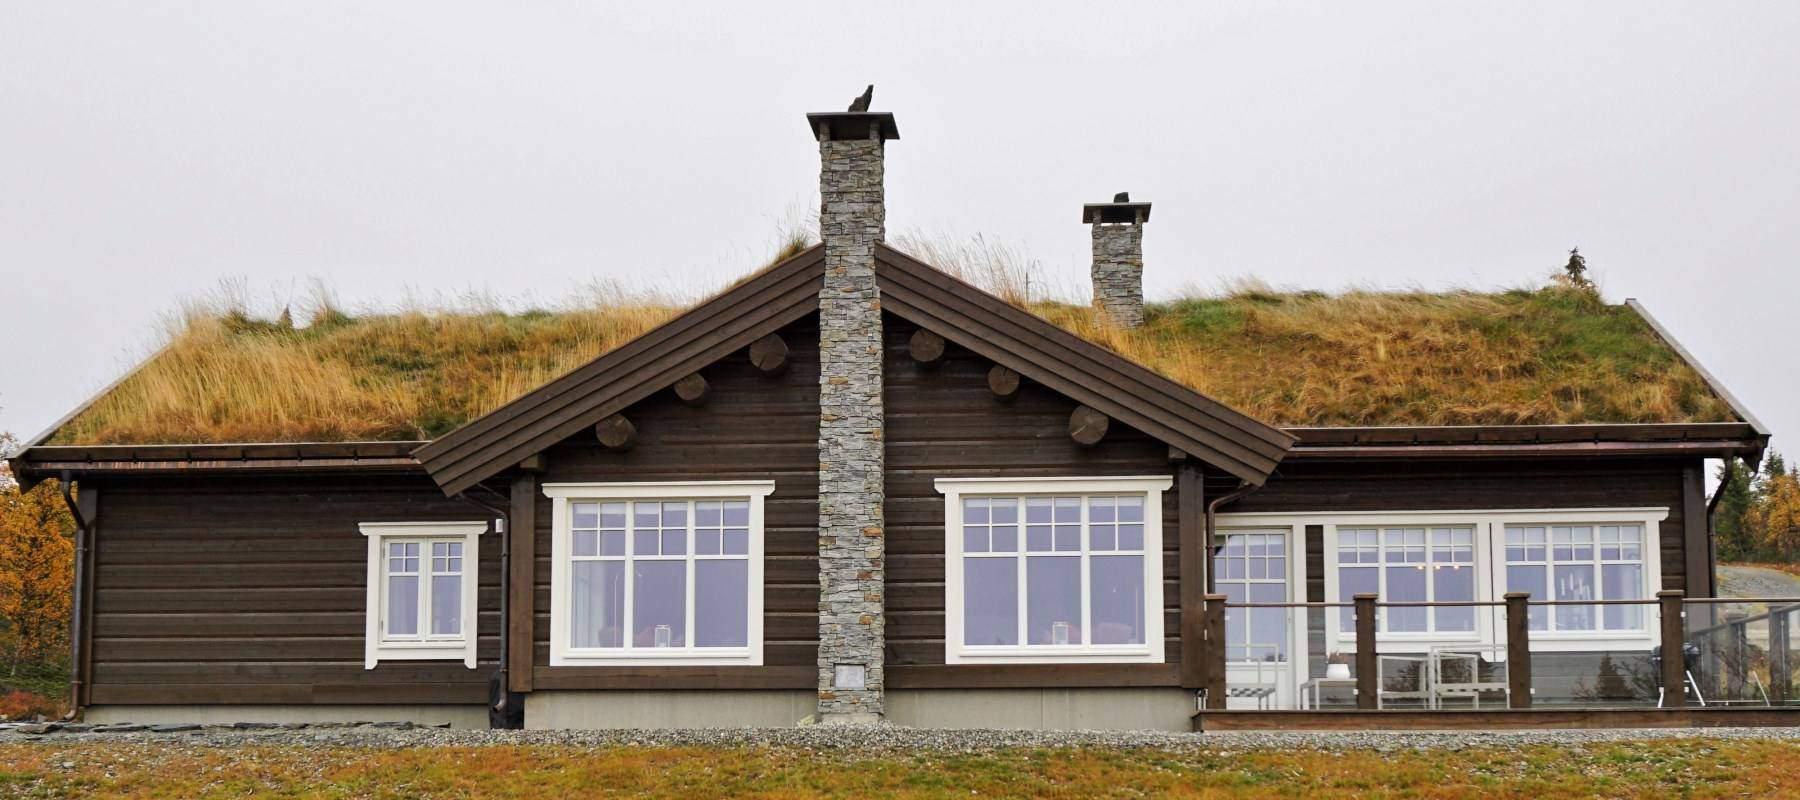 79 Hytteleverandor – Tiurtoppen Hytter Inspirasjon hytte pa Gålå